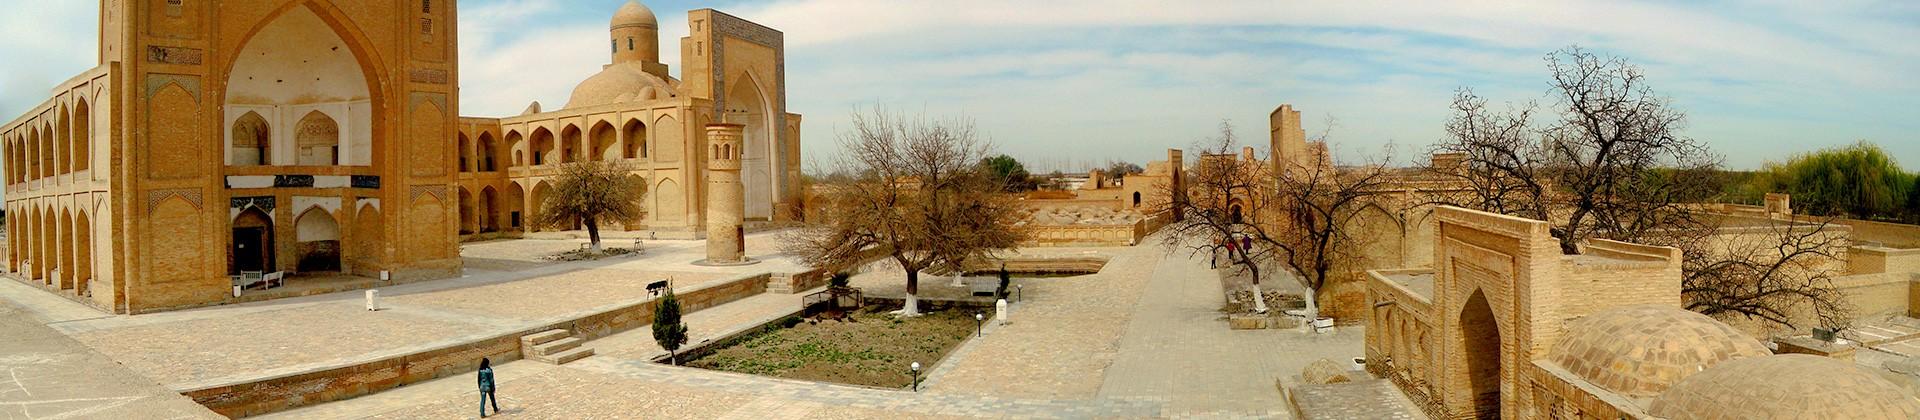 Chor-Bakr Necropolis - 1